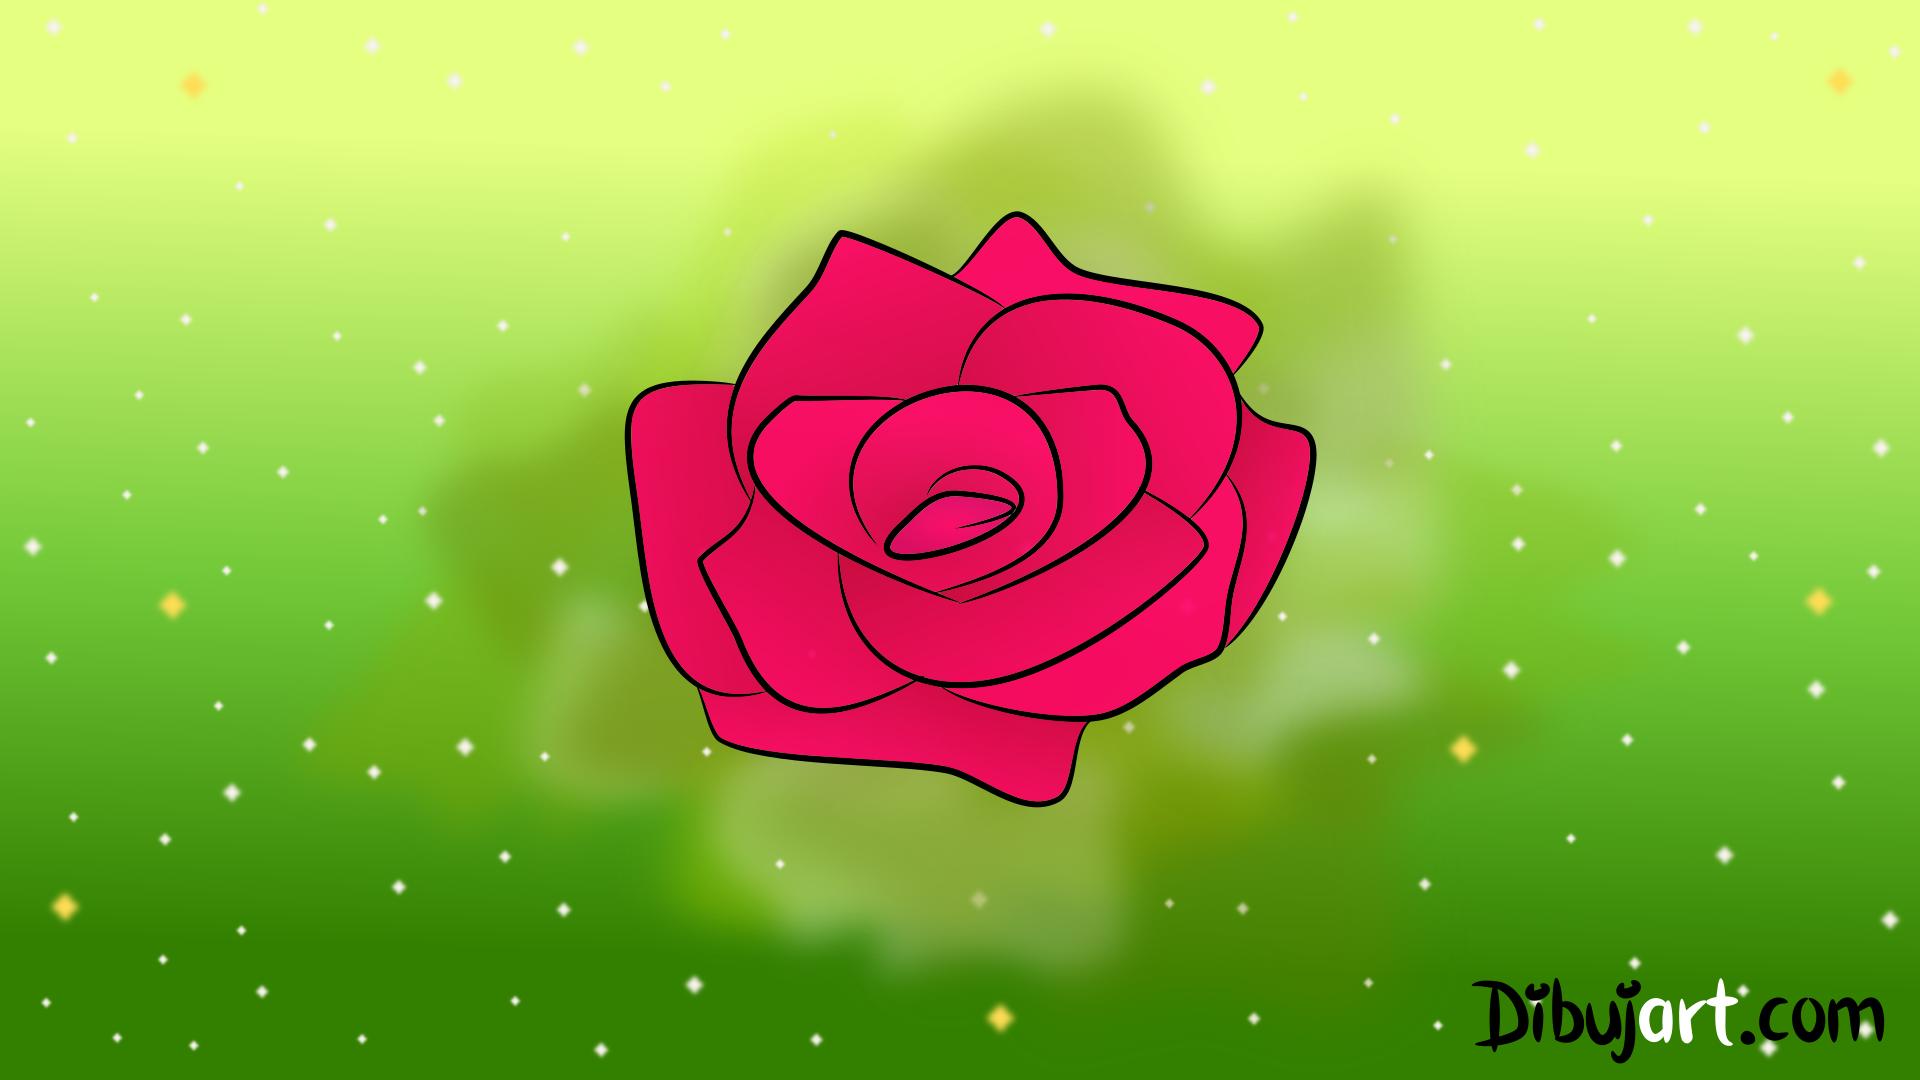 Cómo Dibujar Una Rosa Sencilla Y Fácil 6 Serie De Dibujos De